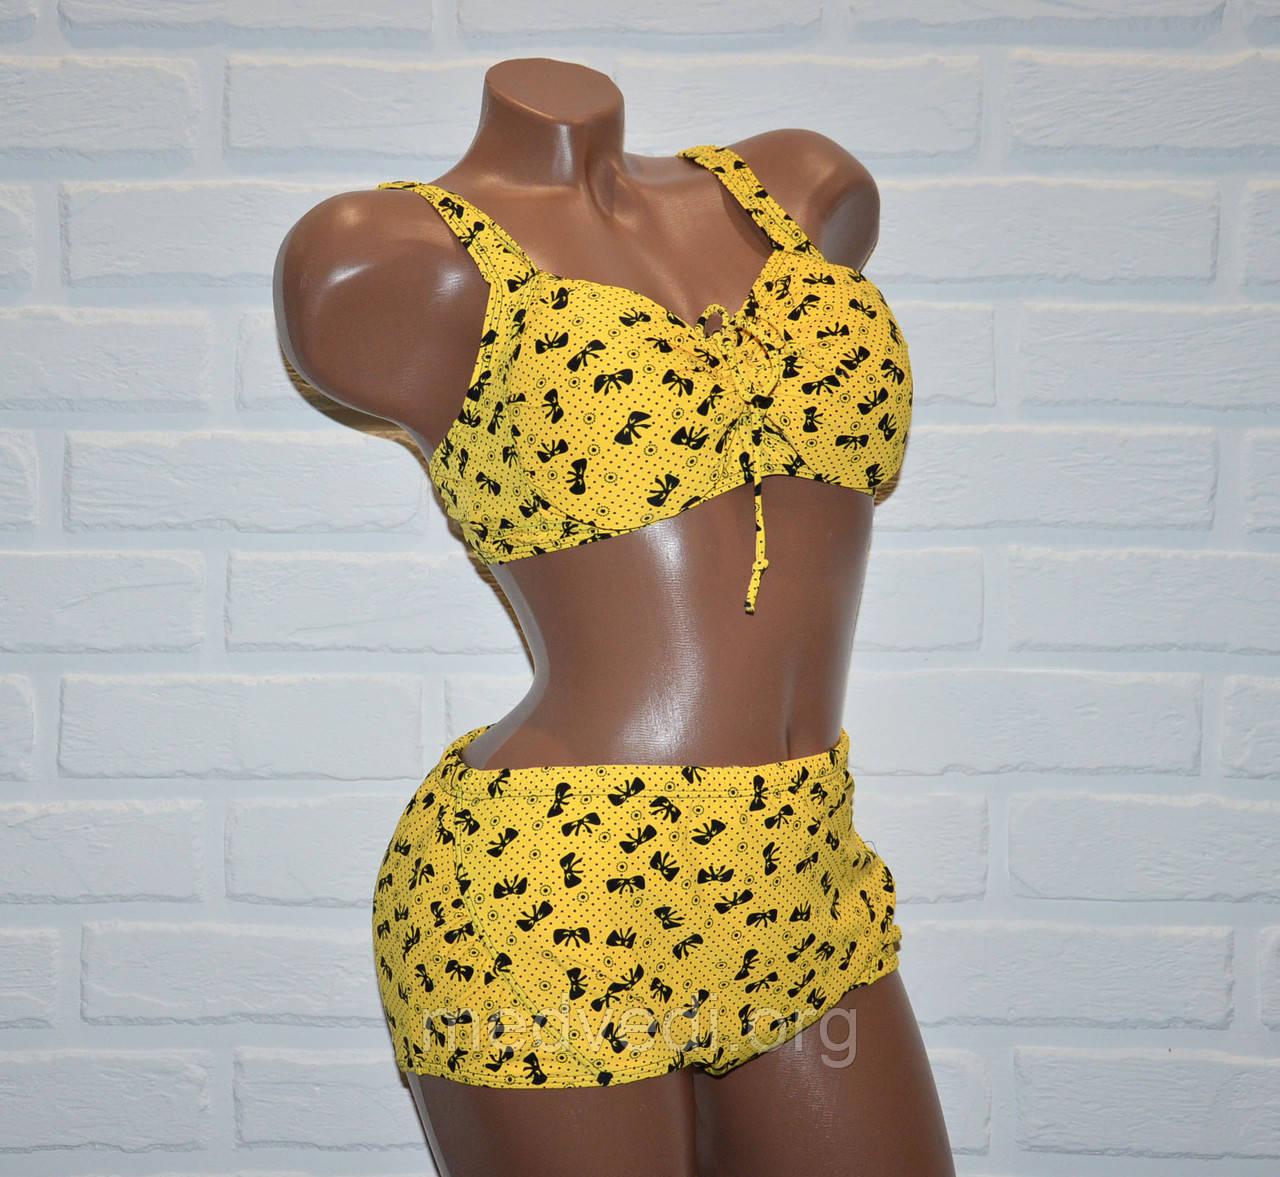 Большой размер 56 раздельный желтый купальник для женщин, с бантиками, принт, на завязках